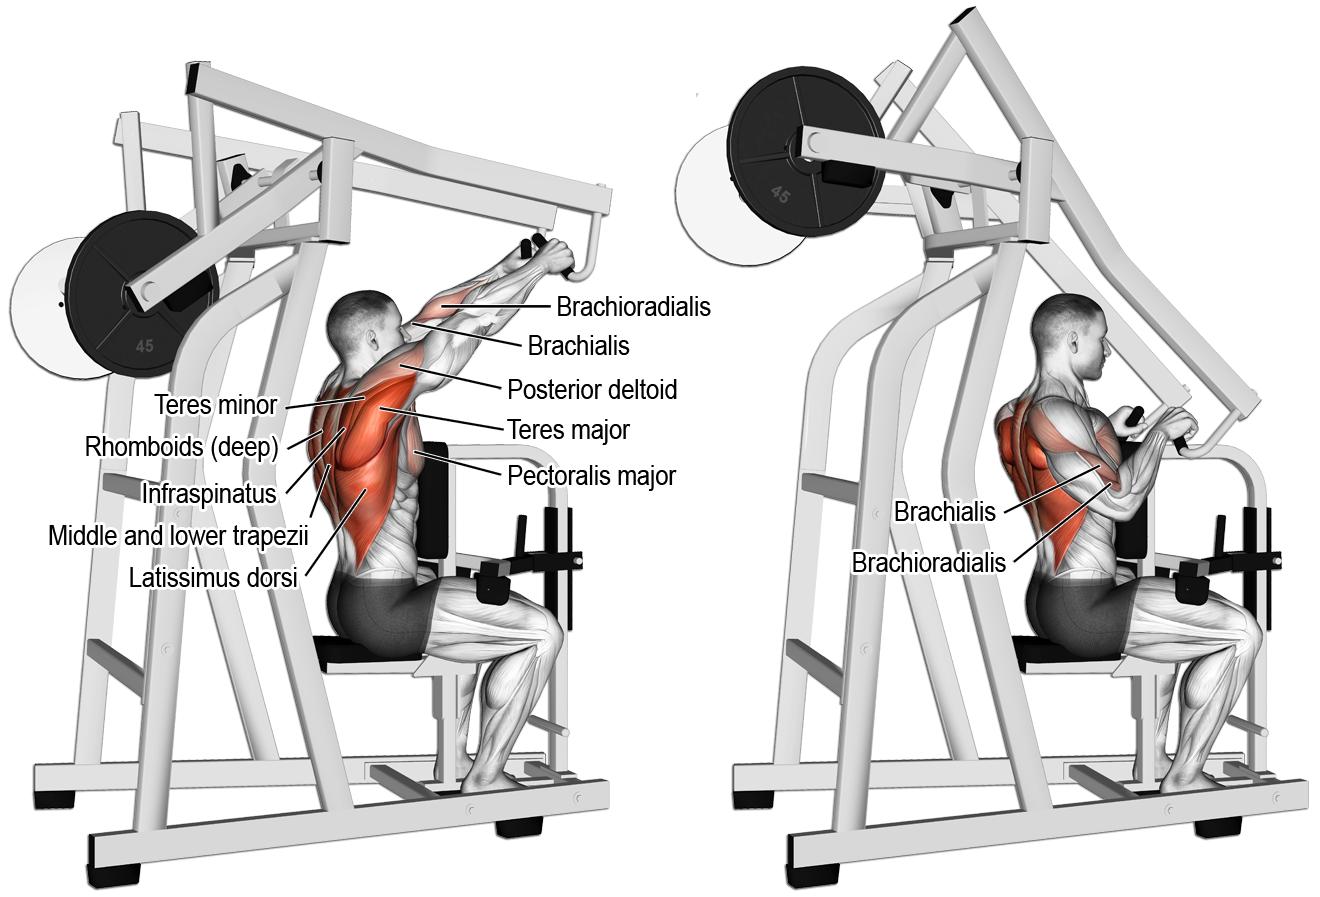 comment effectuer le high rowing la machine anatomie musculation dos pinterest poids. Black Bedroom Furniture Sets. Home Design Ideas